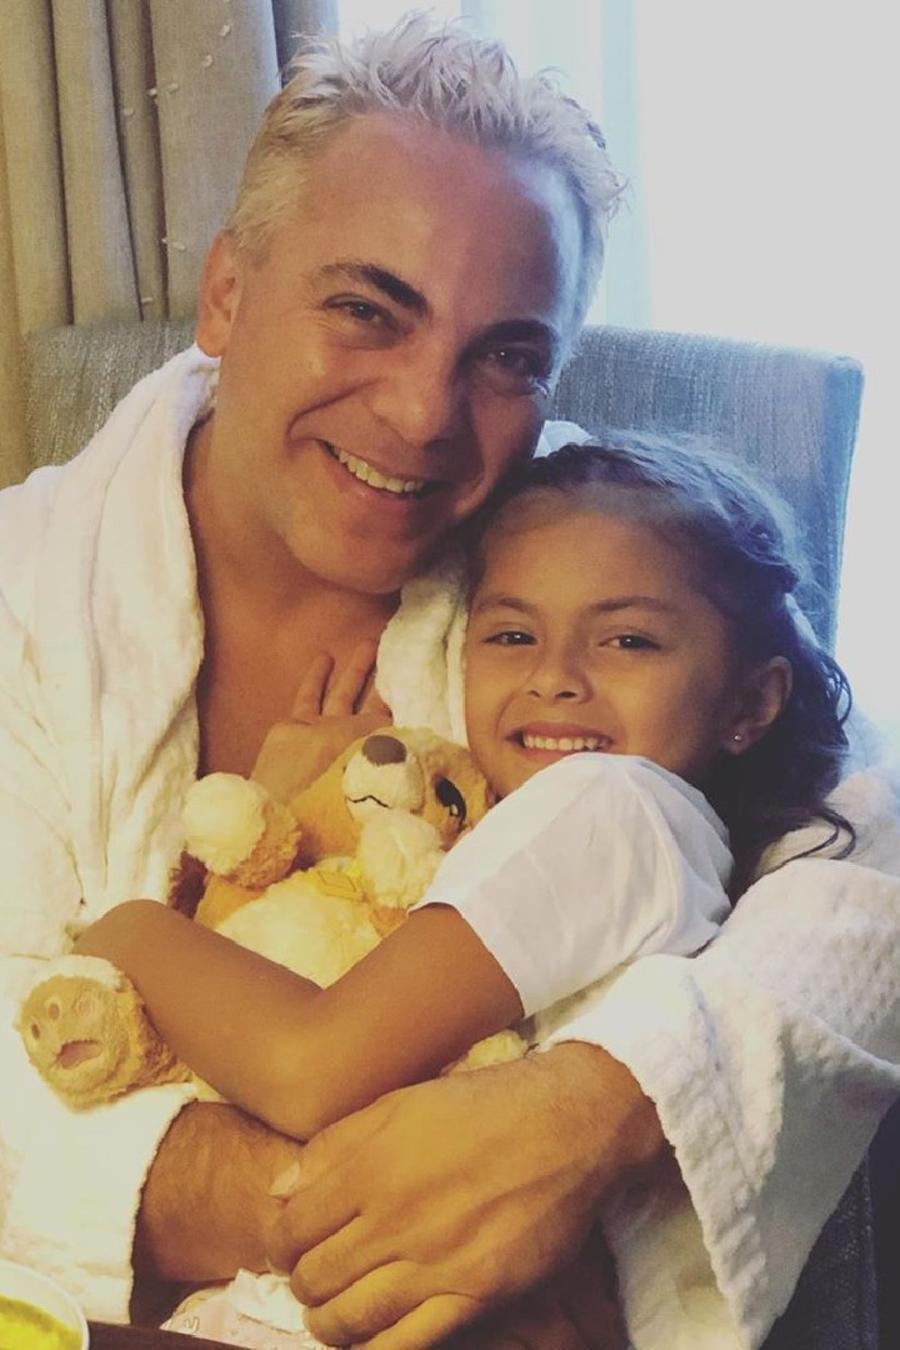 Rafaela Castro y su papá Cristian castro abrazados